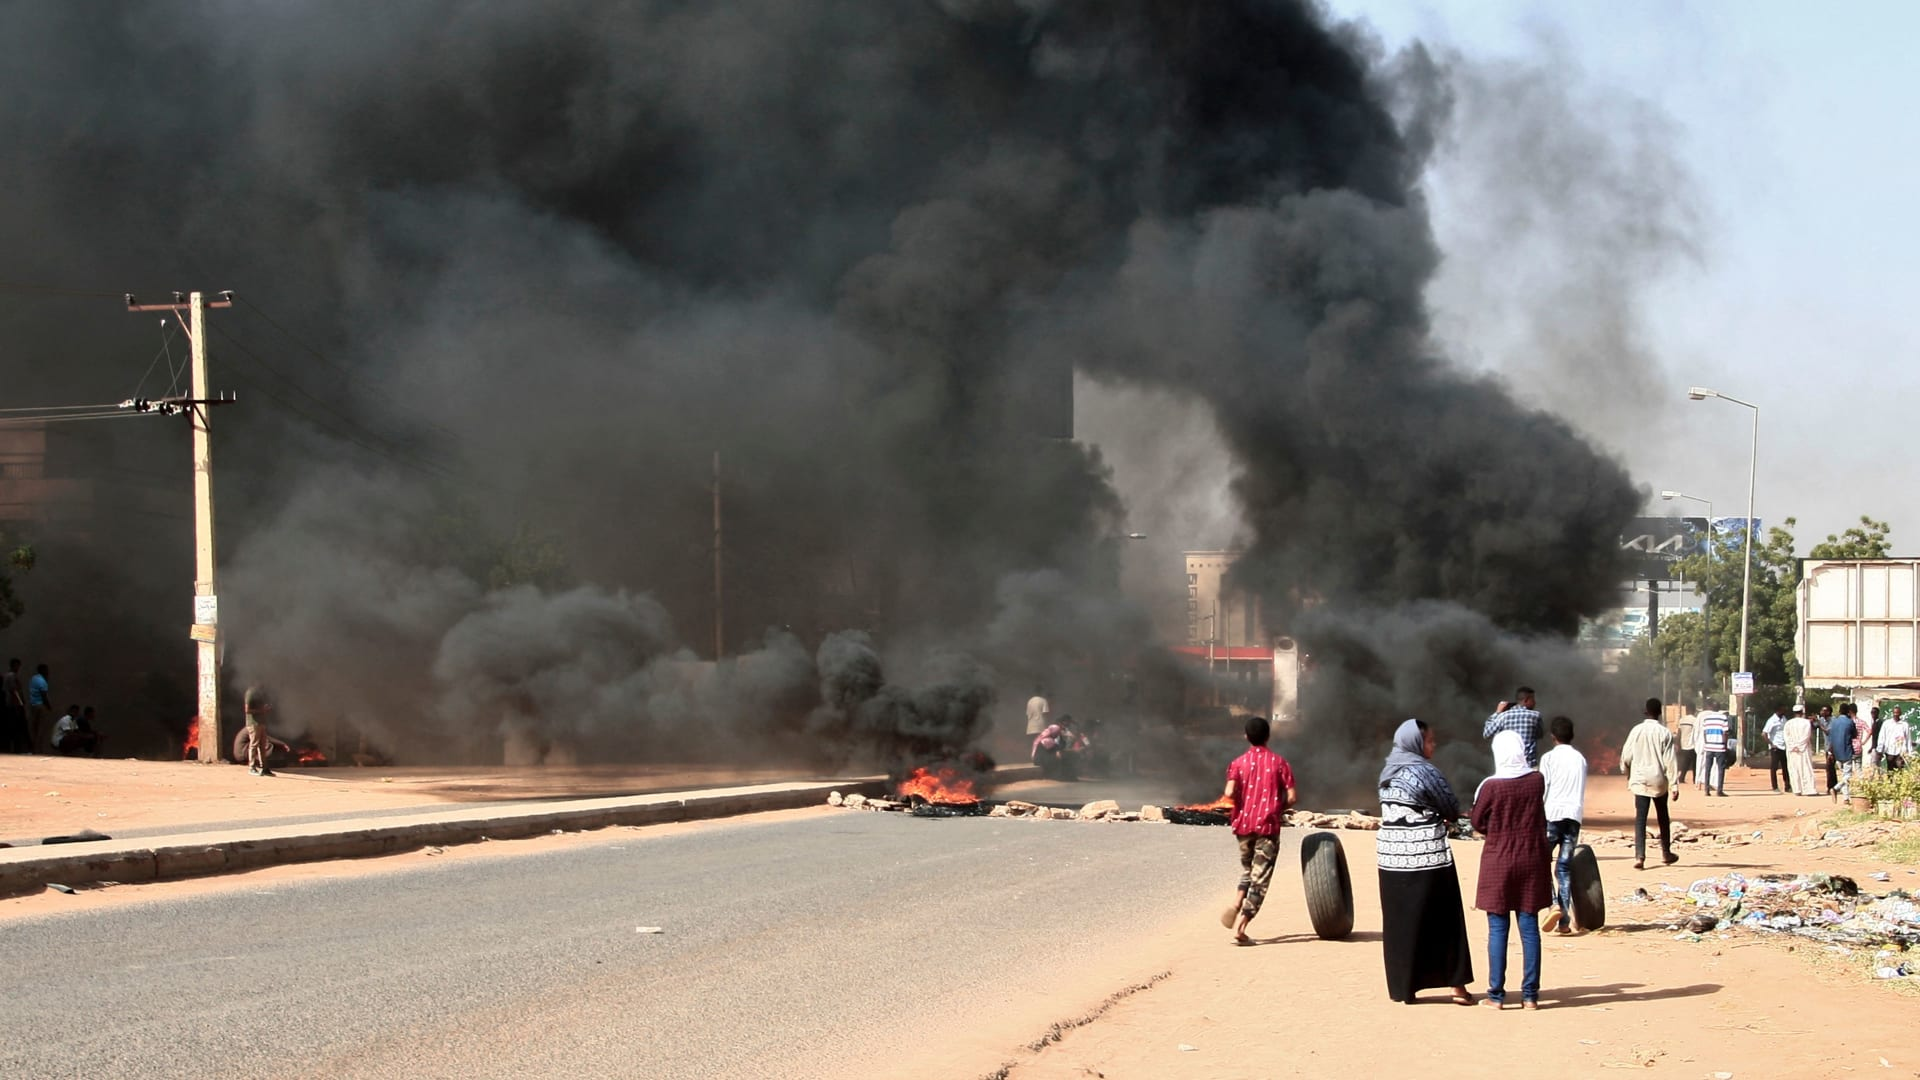 السودان.. القوى المدنية تدعو إلى عصيان مدني لمواجهة الانقلاب العسكري